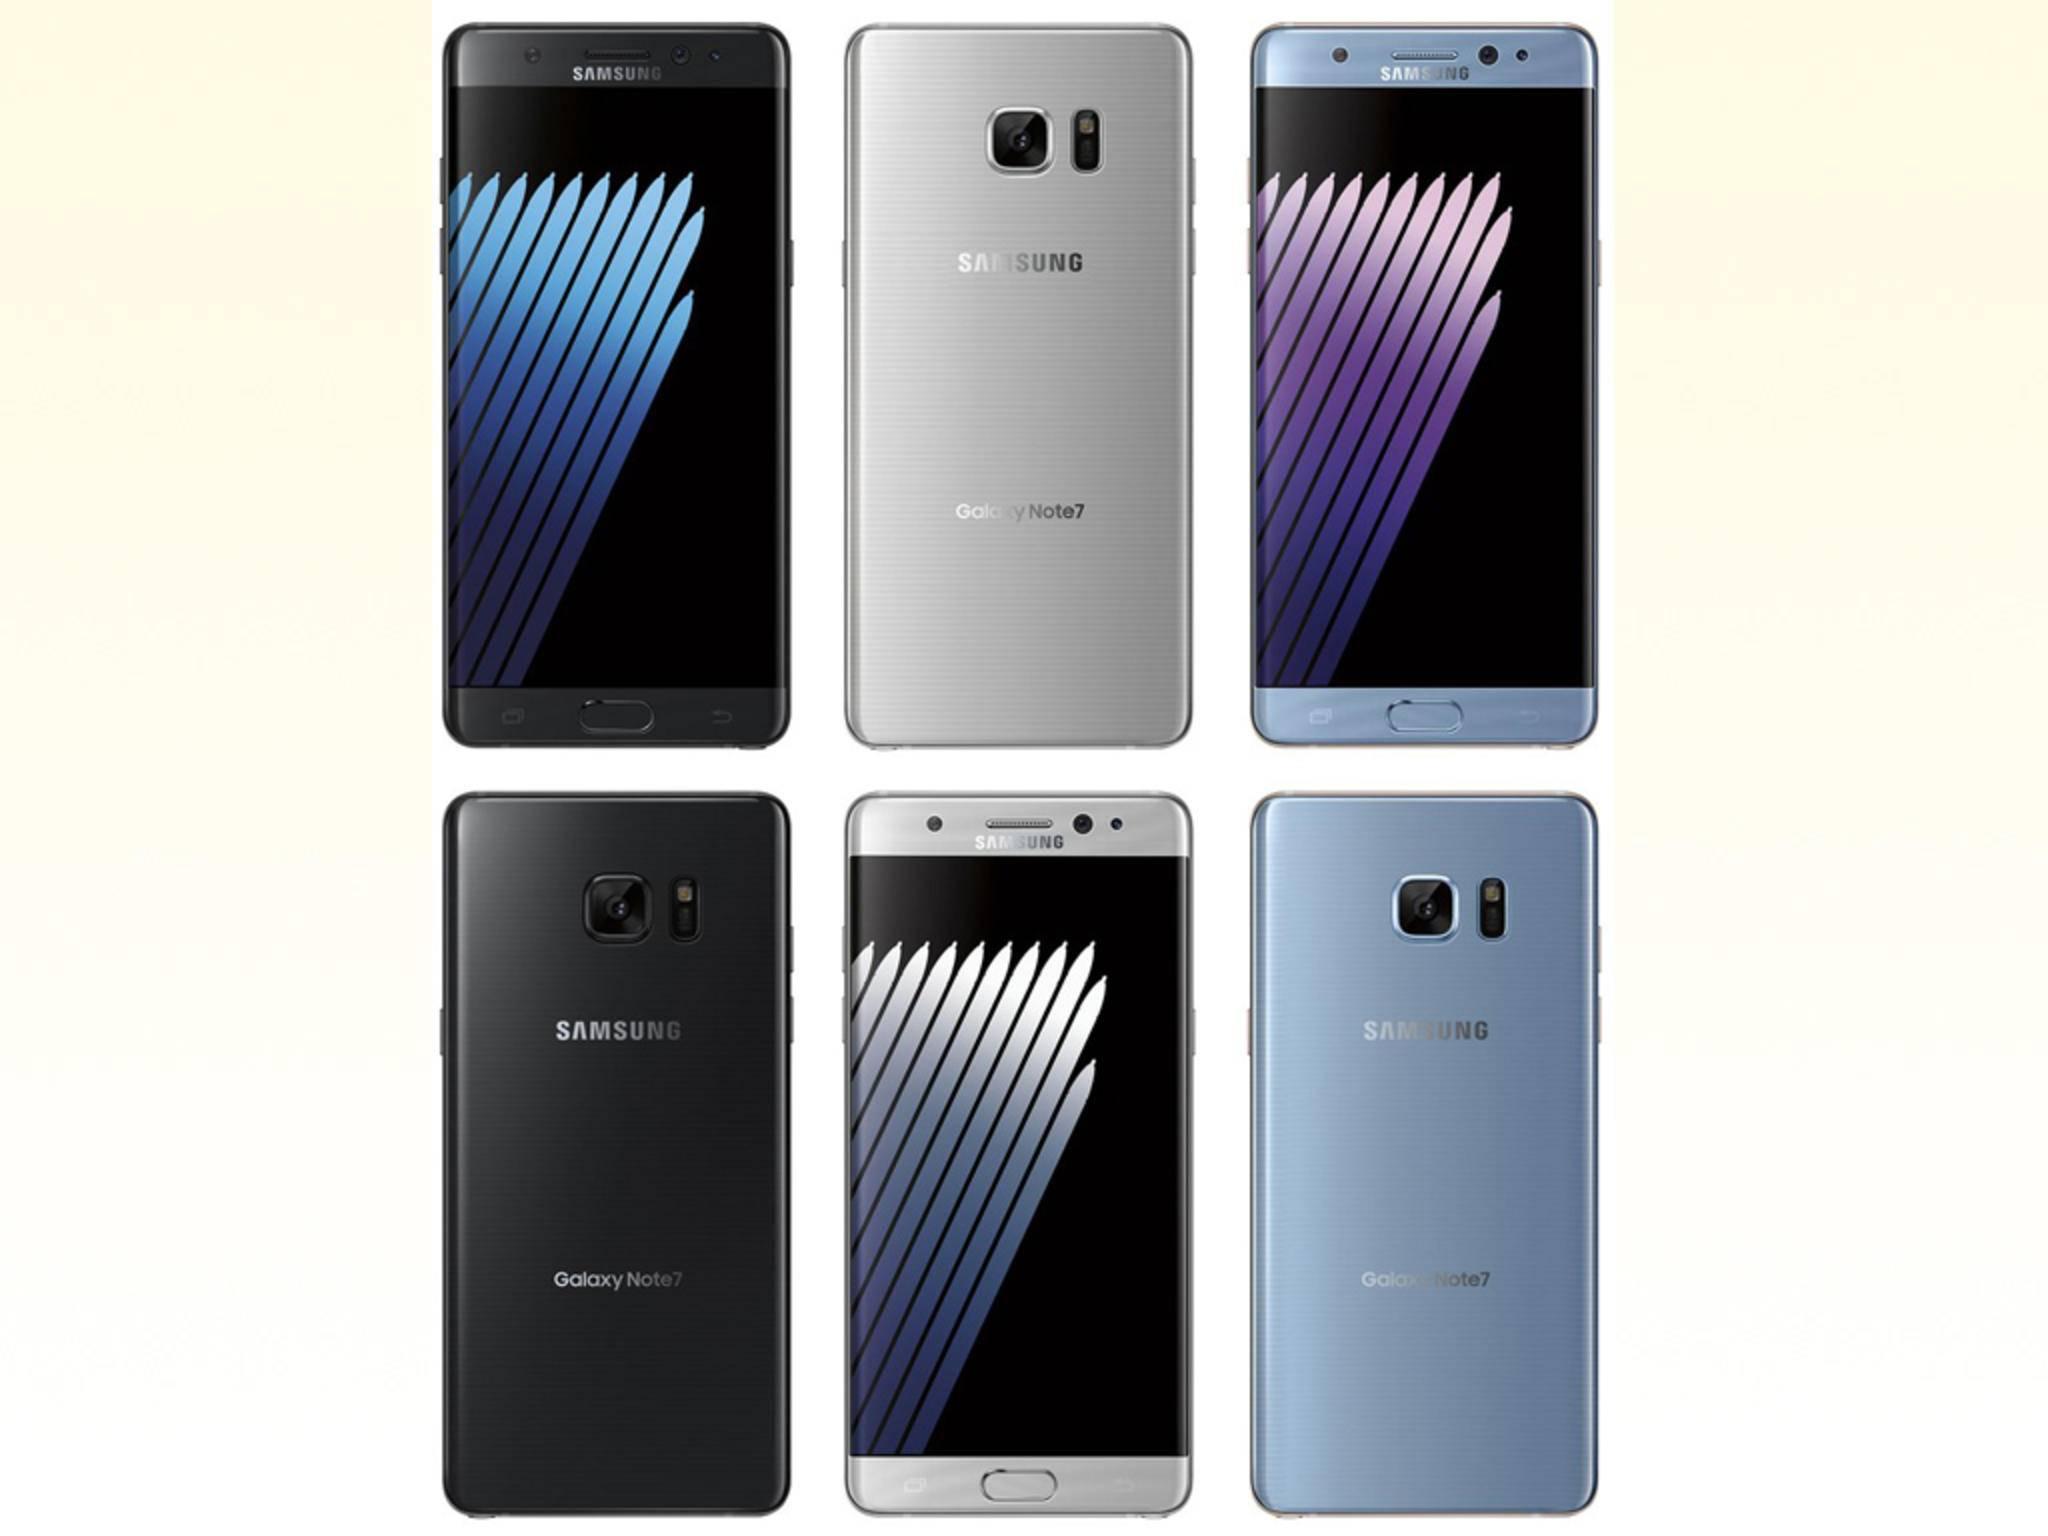 Das Galaxy Note 7 wird mit Android 7.0 Nougat getestet.